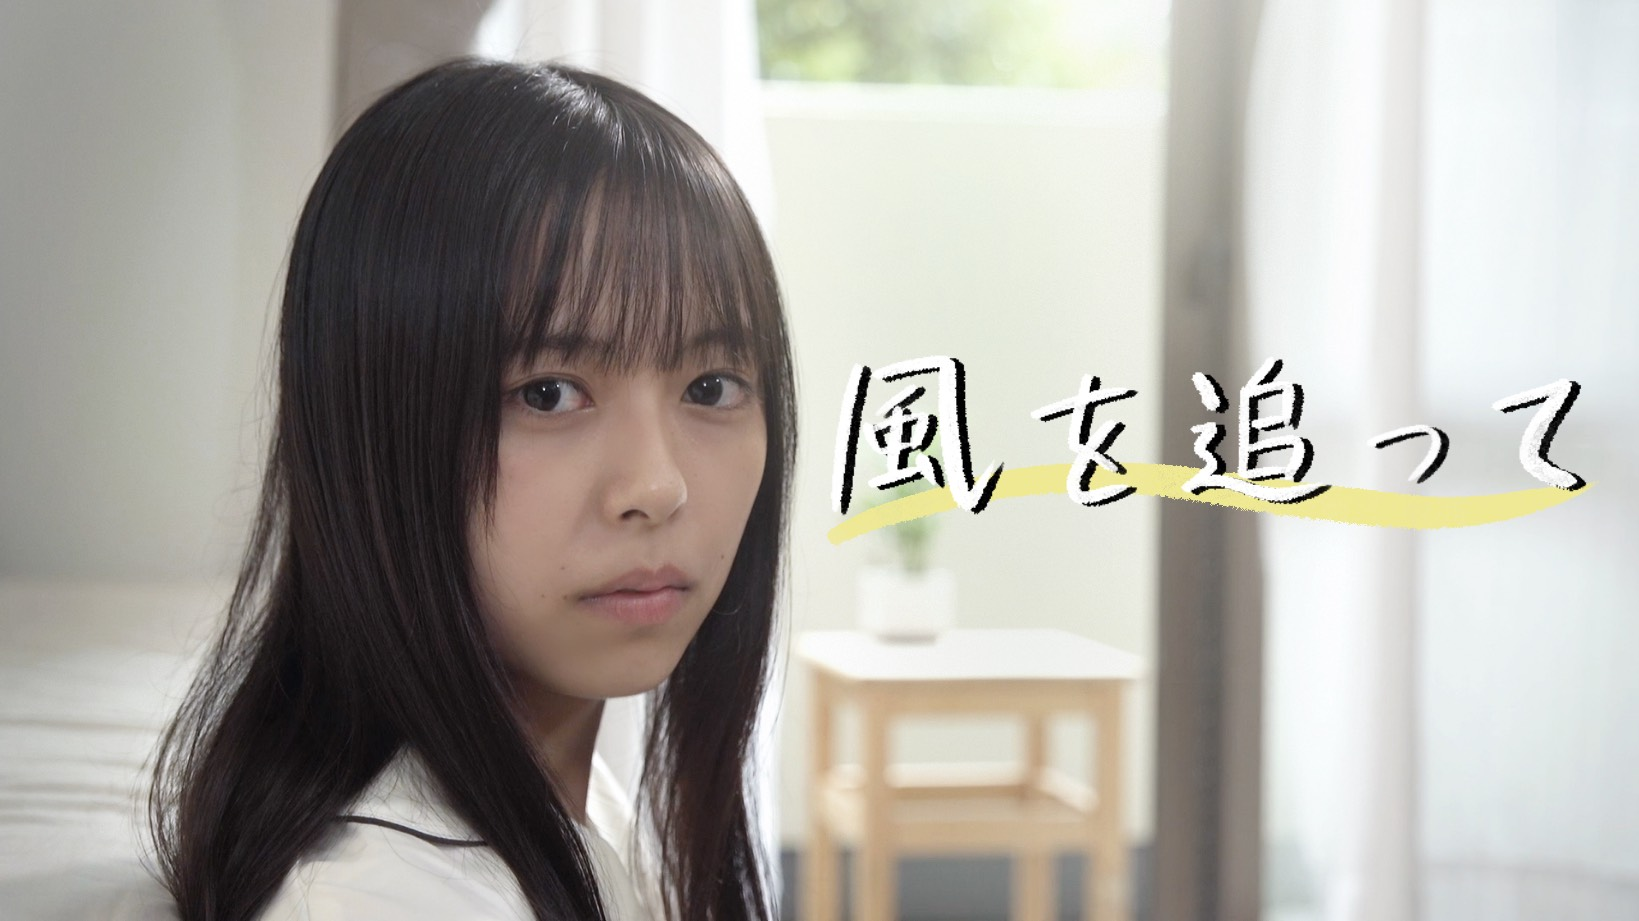 ふたりごと第2弾楽曲「風を追って」MV公開!